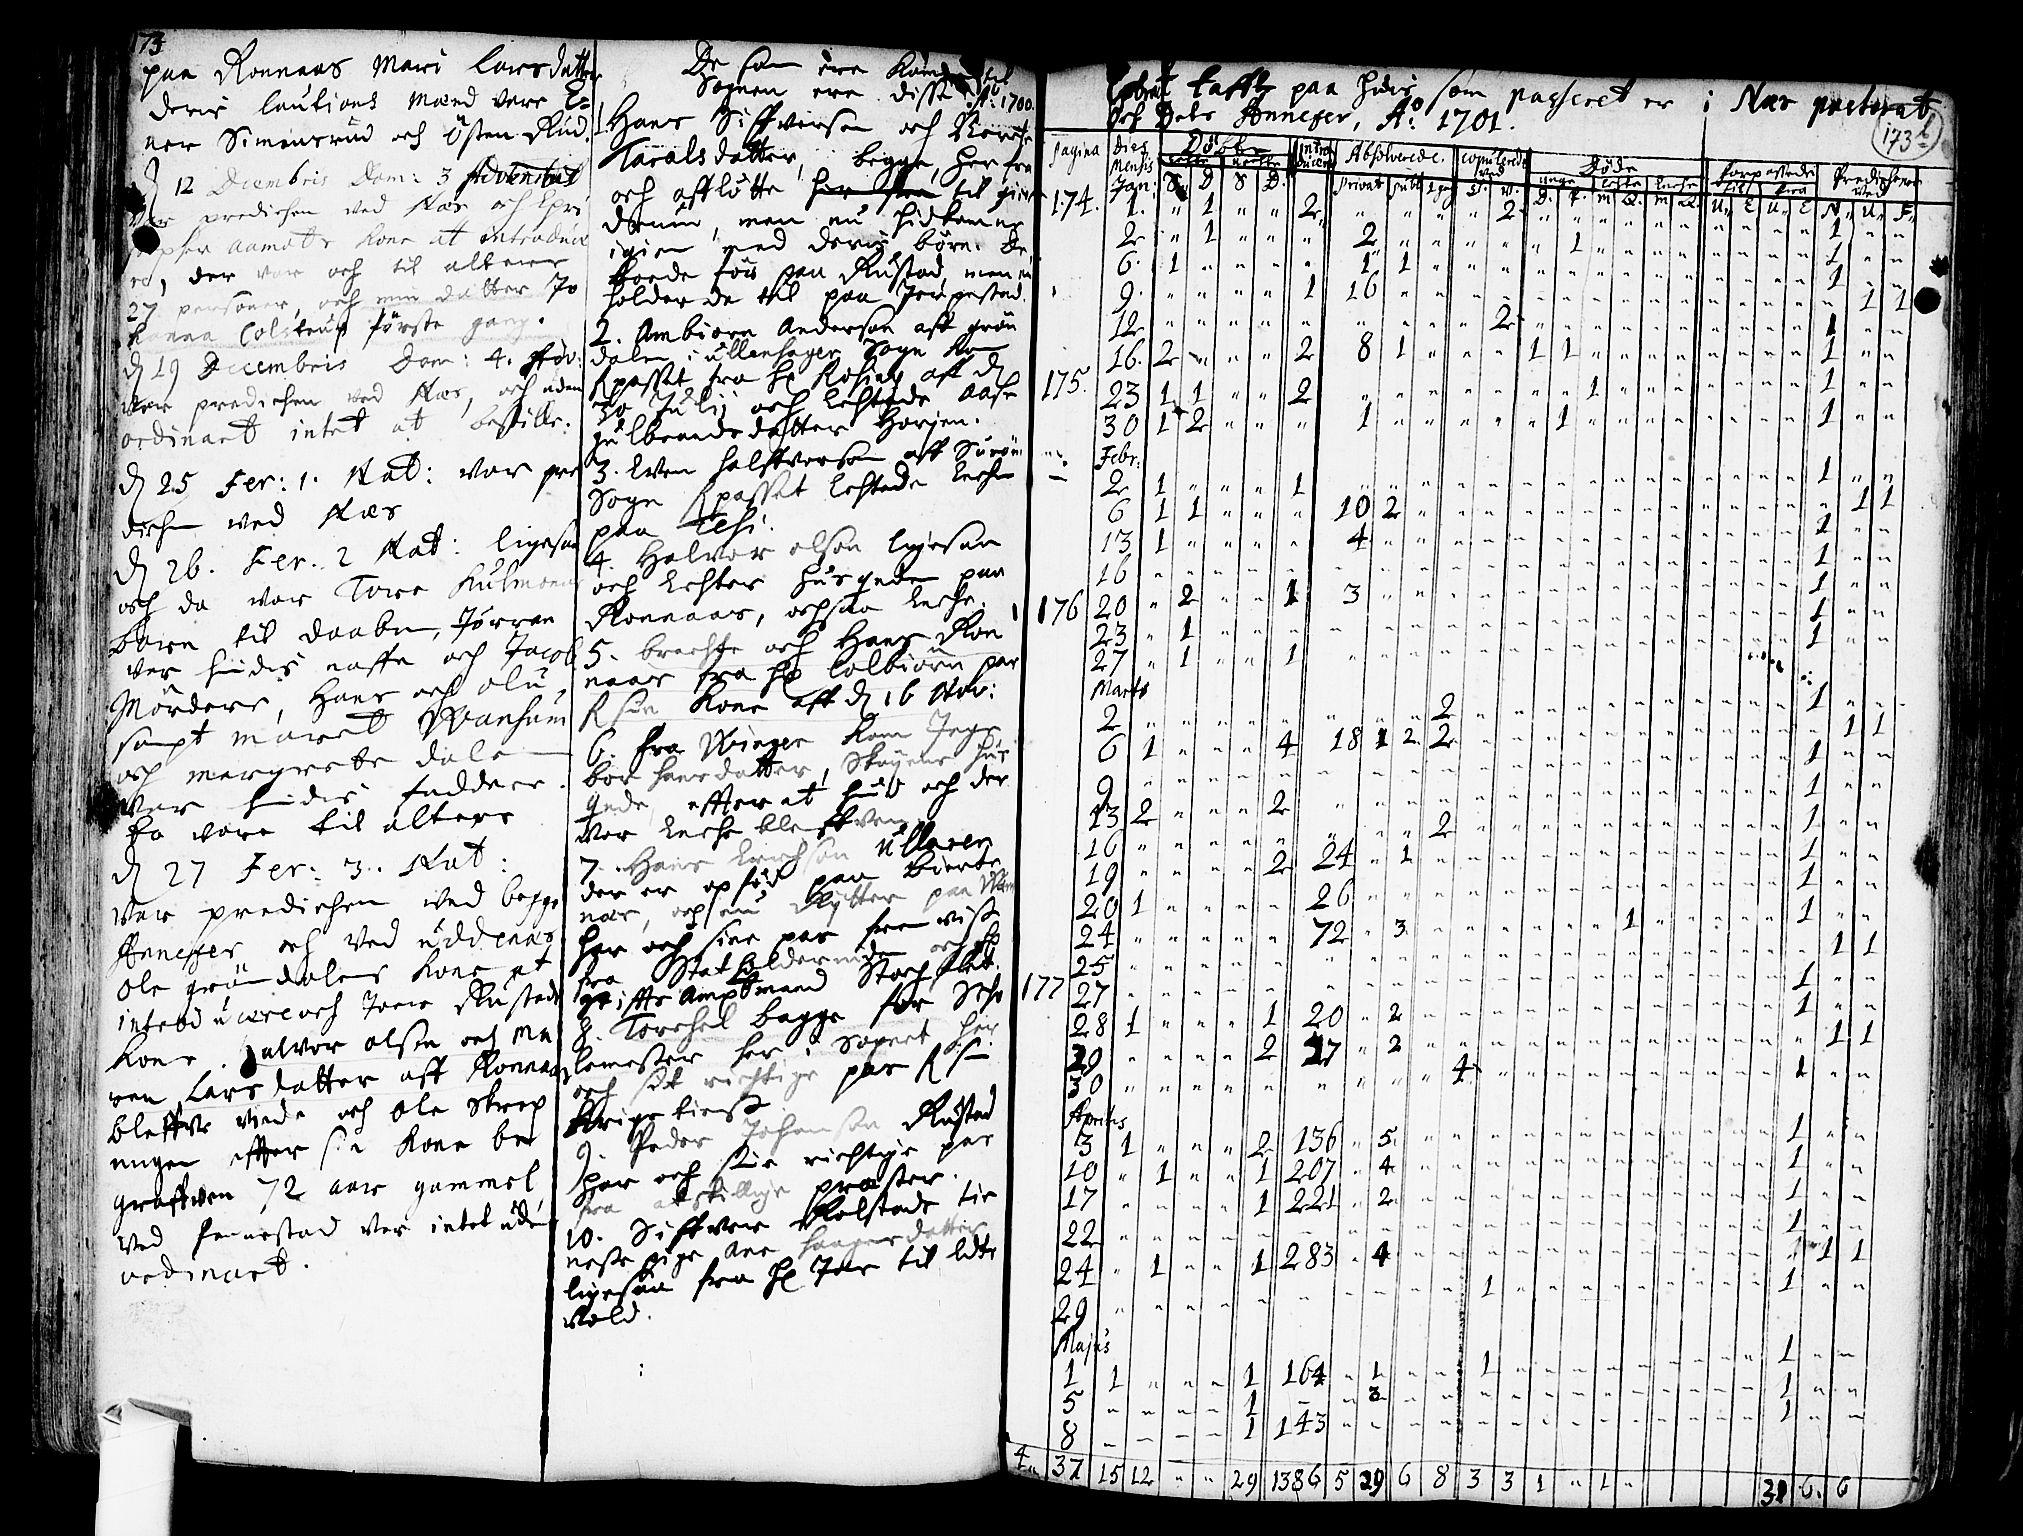 SAO, Nes prestekontor Kirkebøker, F/Fa/L0001: Ministerialbok nr. I 1, 1689-1716, s. 173a-173b